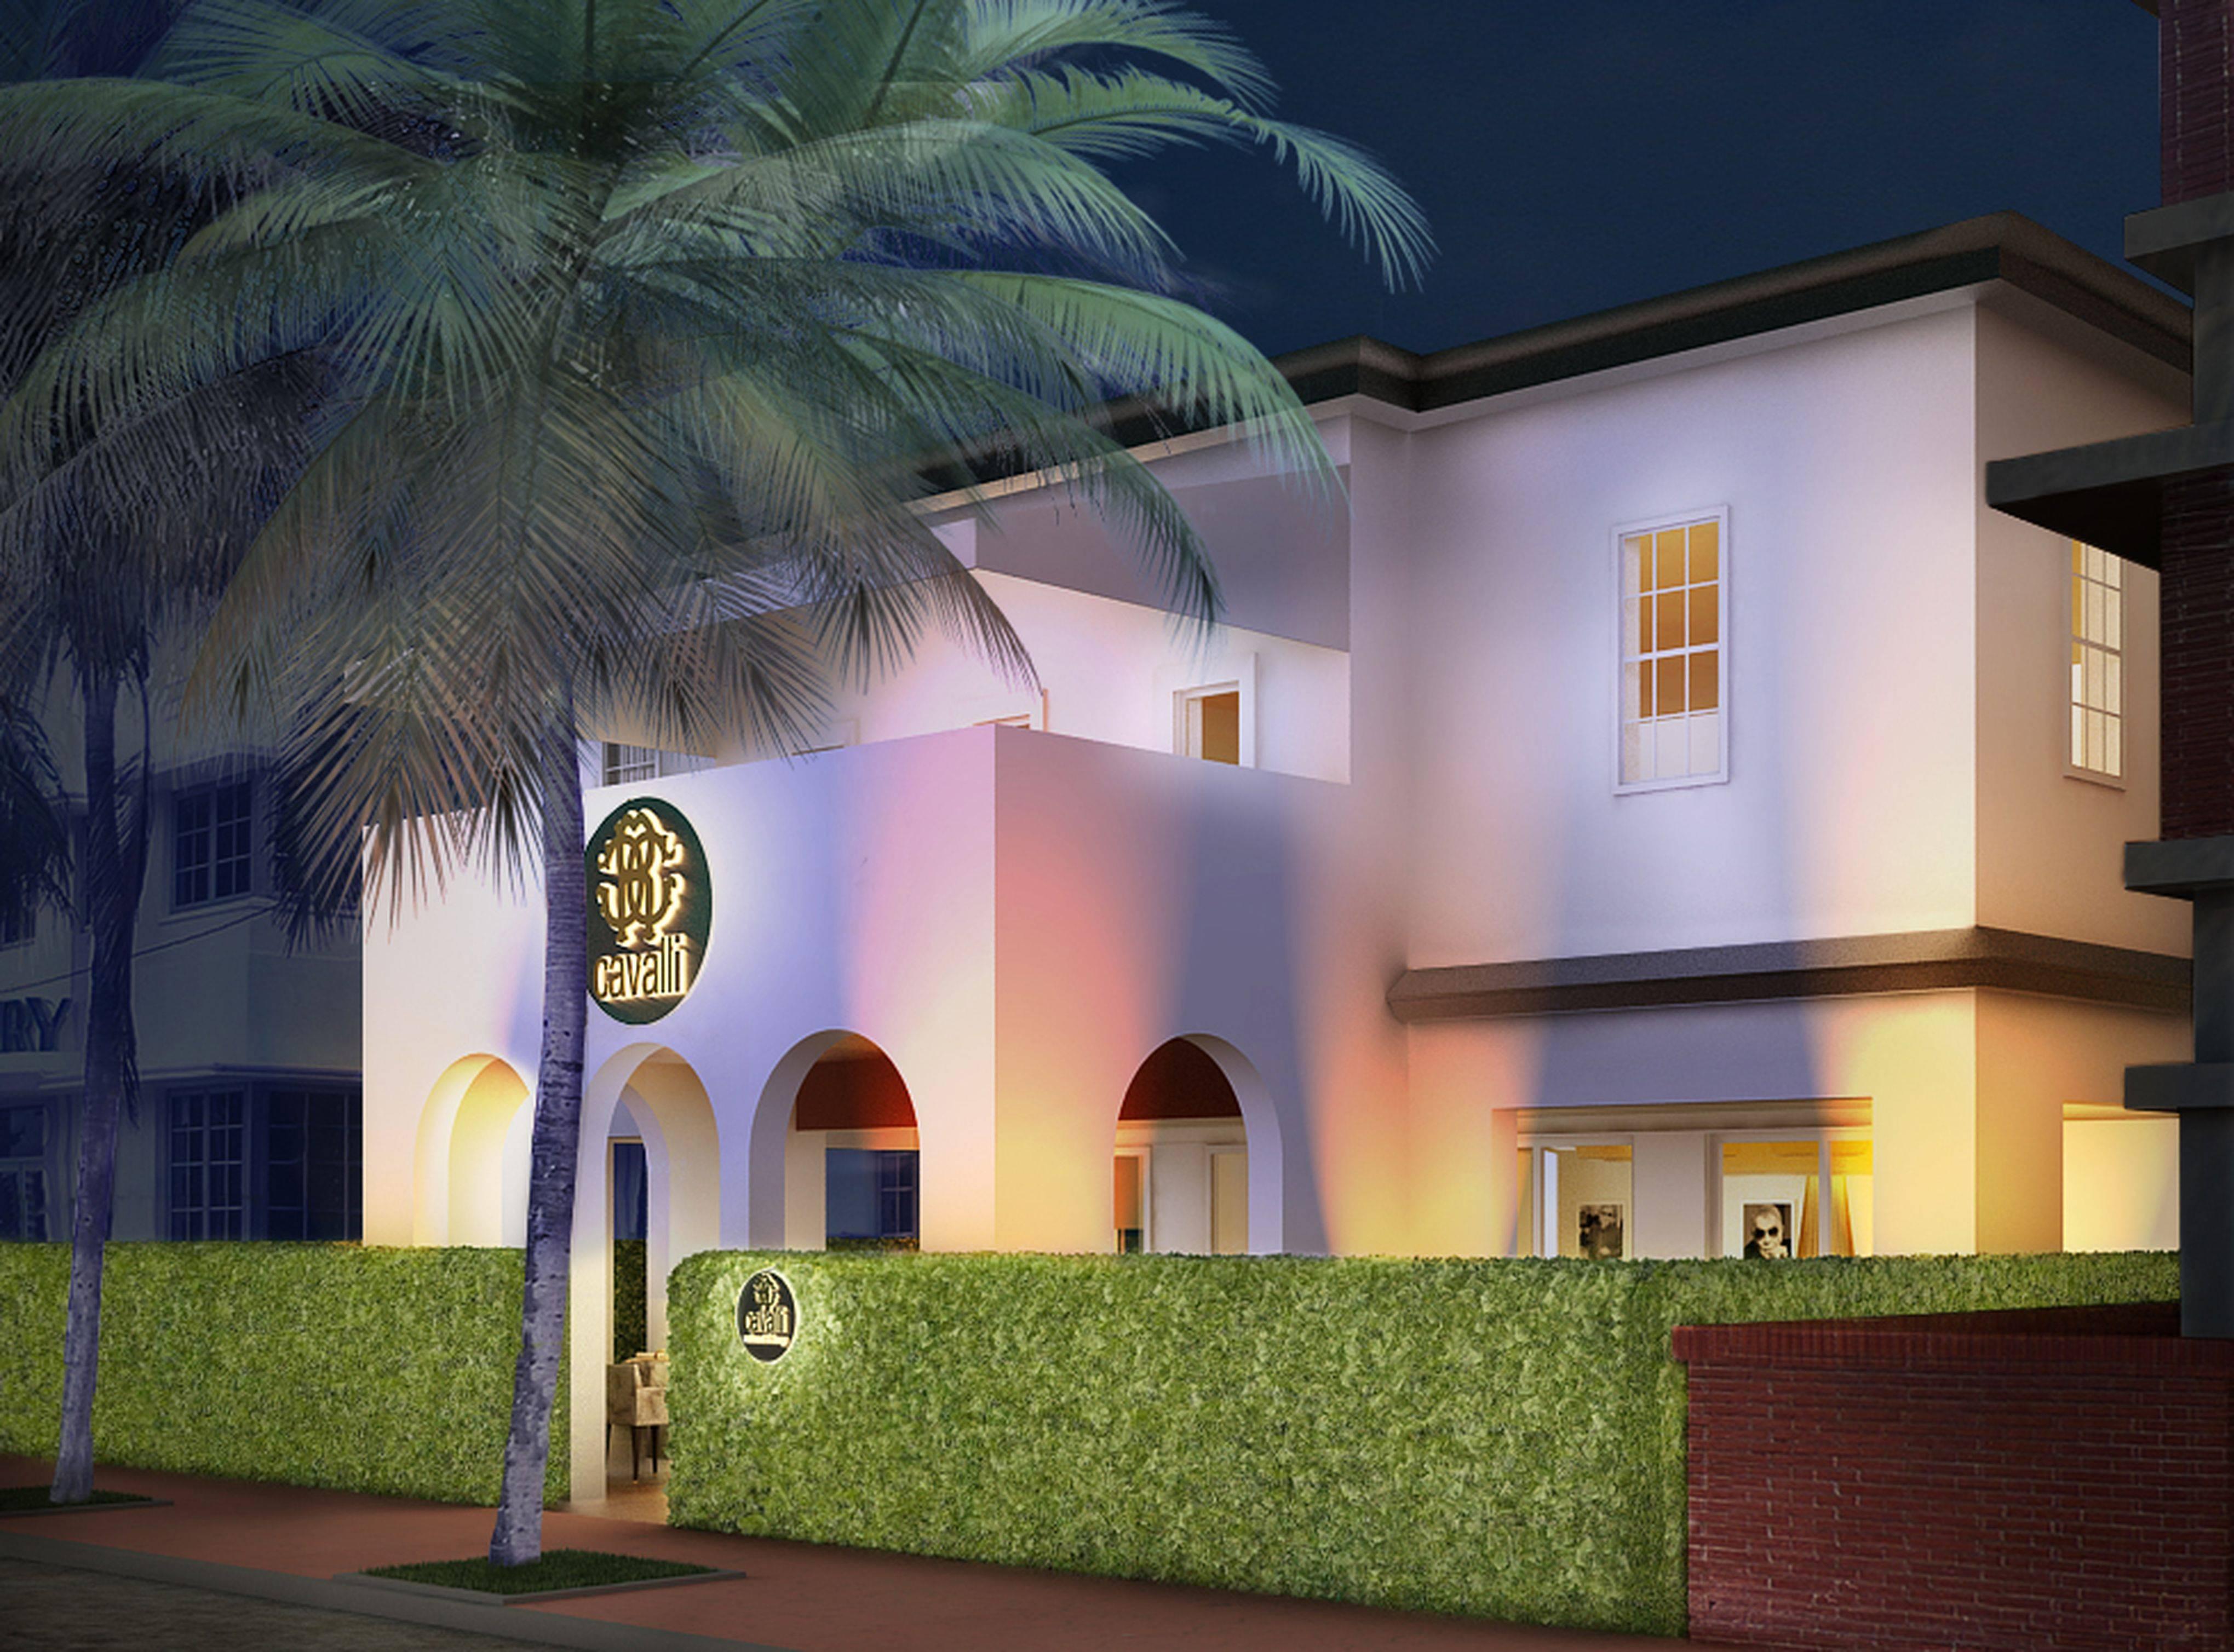 Cavalli Restaurant & Lounge Miami – External view